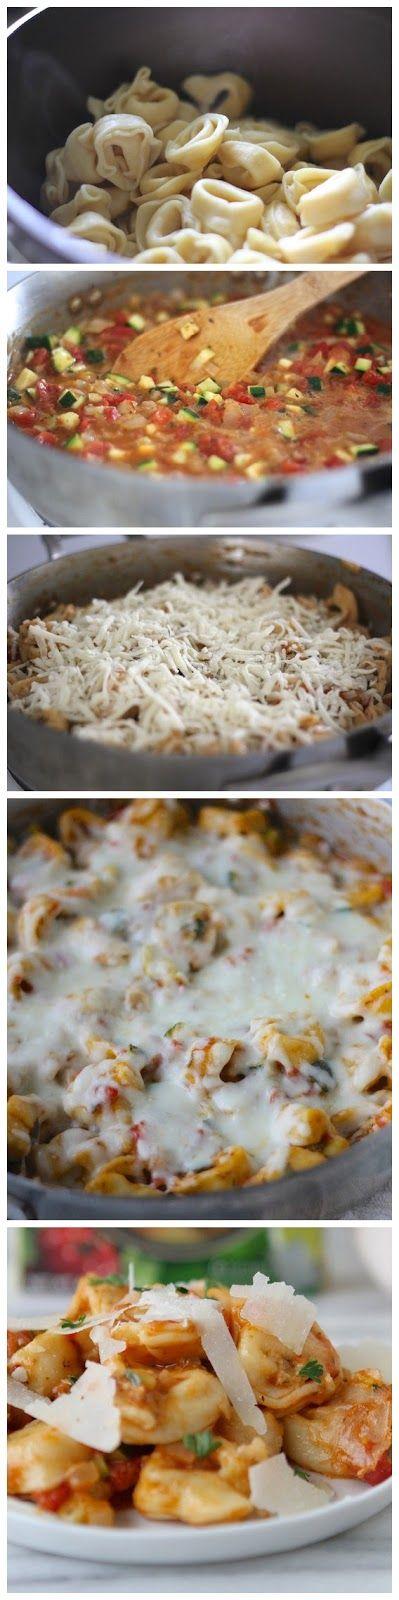 Italian Herb Baked Cheesy Tortellini | Good Eats | Pinterest